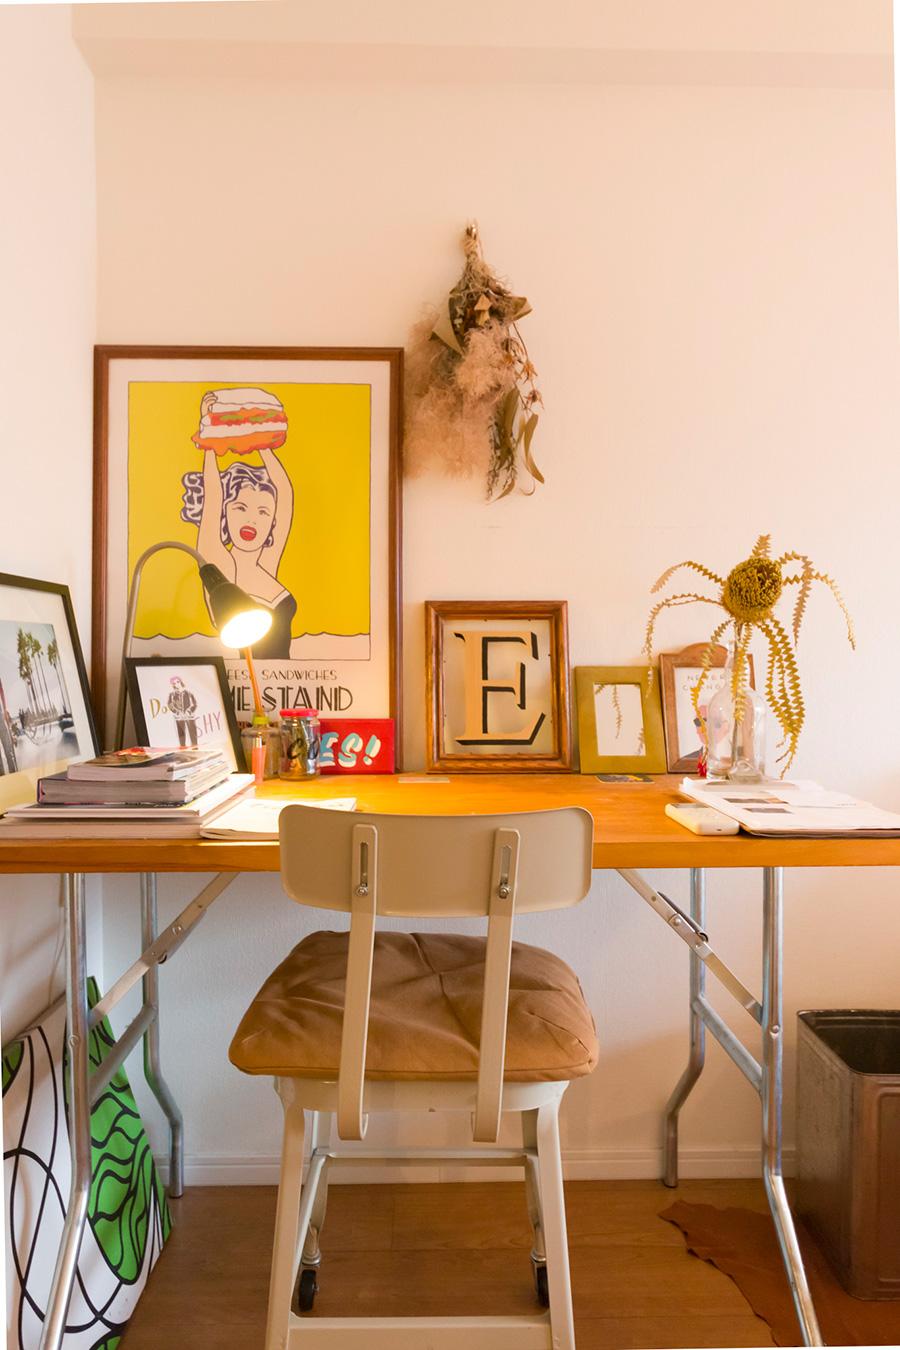 ゲストルームのデスク。額装されたポスターなどを机の上に並べ、客人がホッとできるあたたかなコーナーになっている。